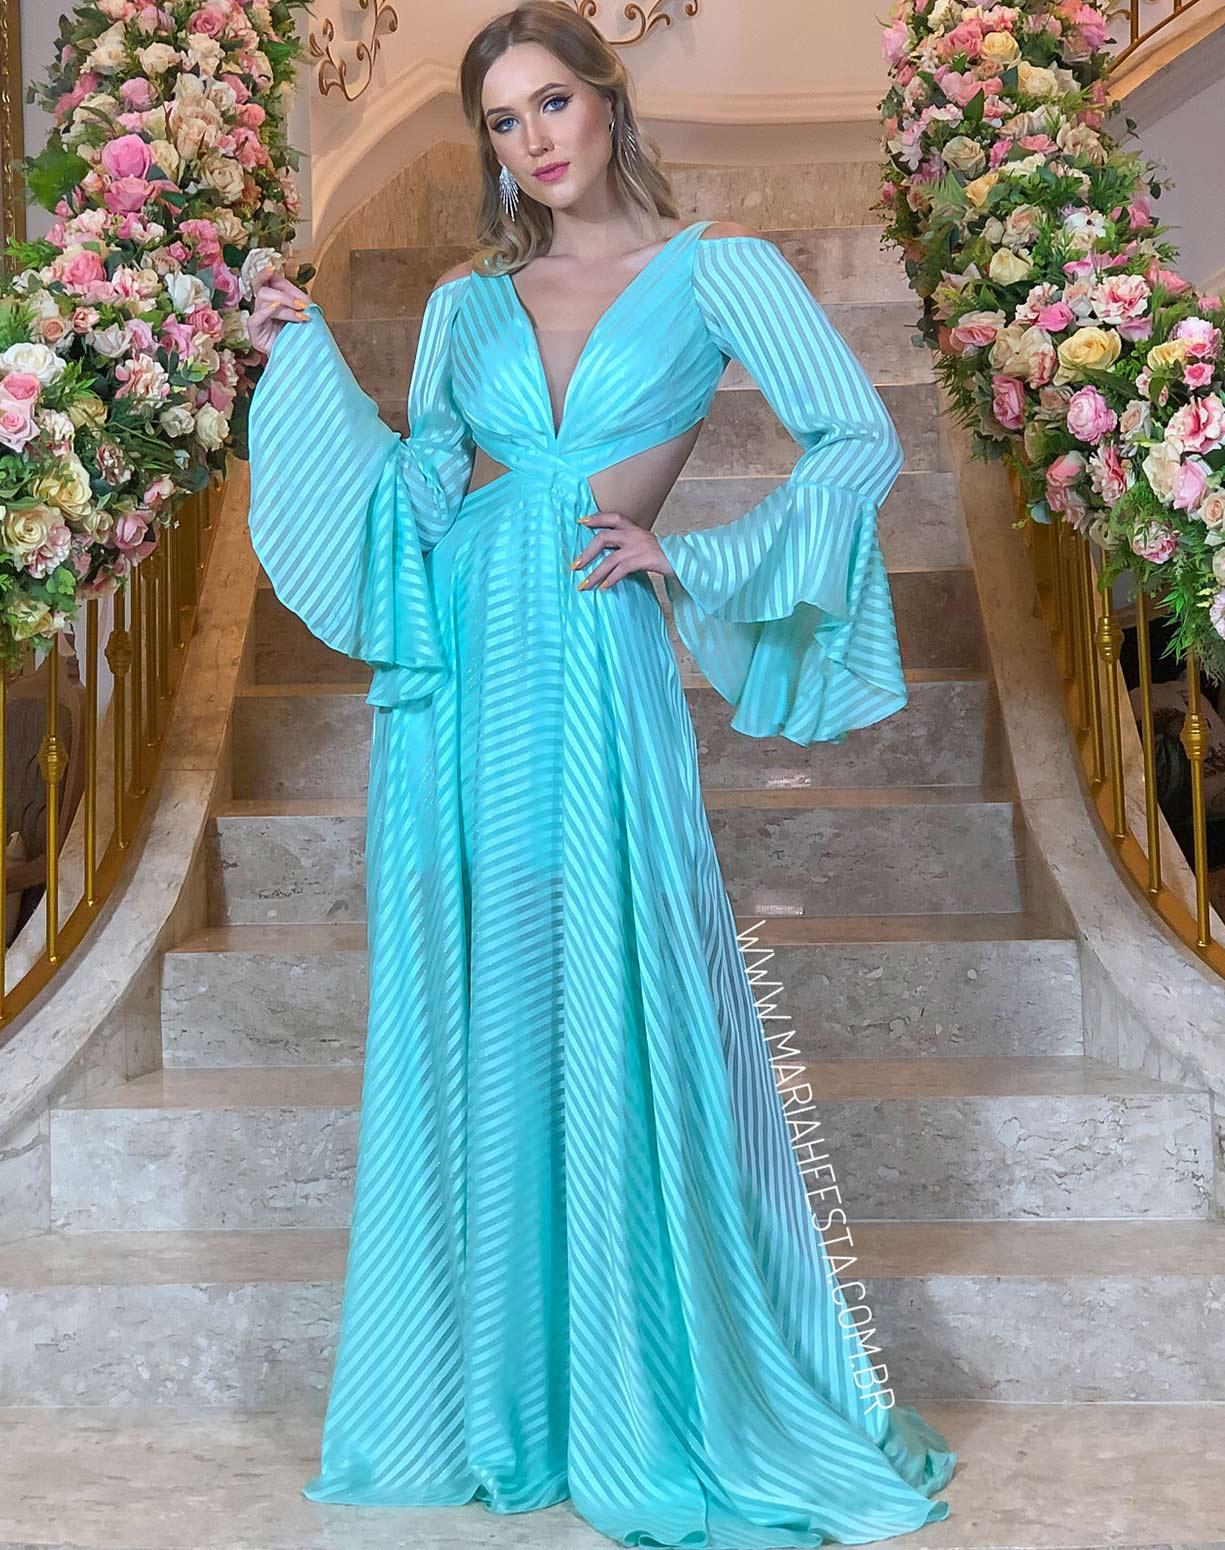 Vestido Tiffany Listas com Manga Flare e Decote